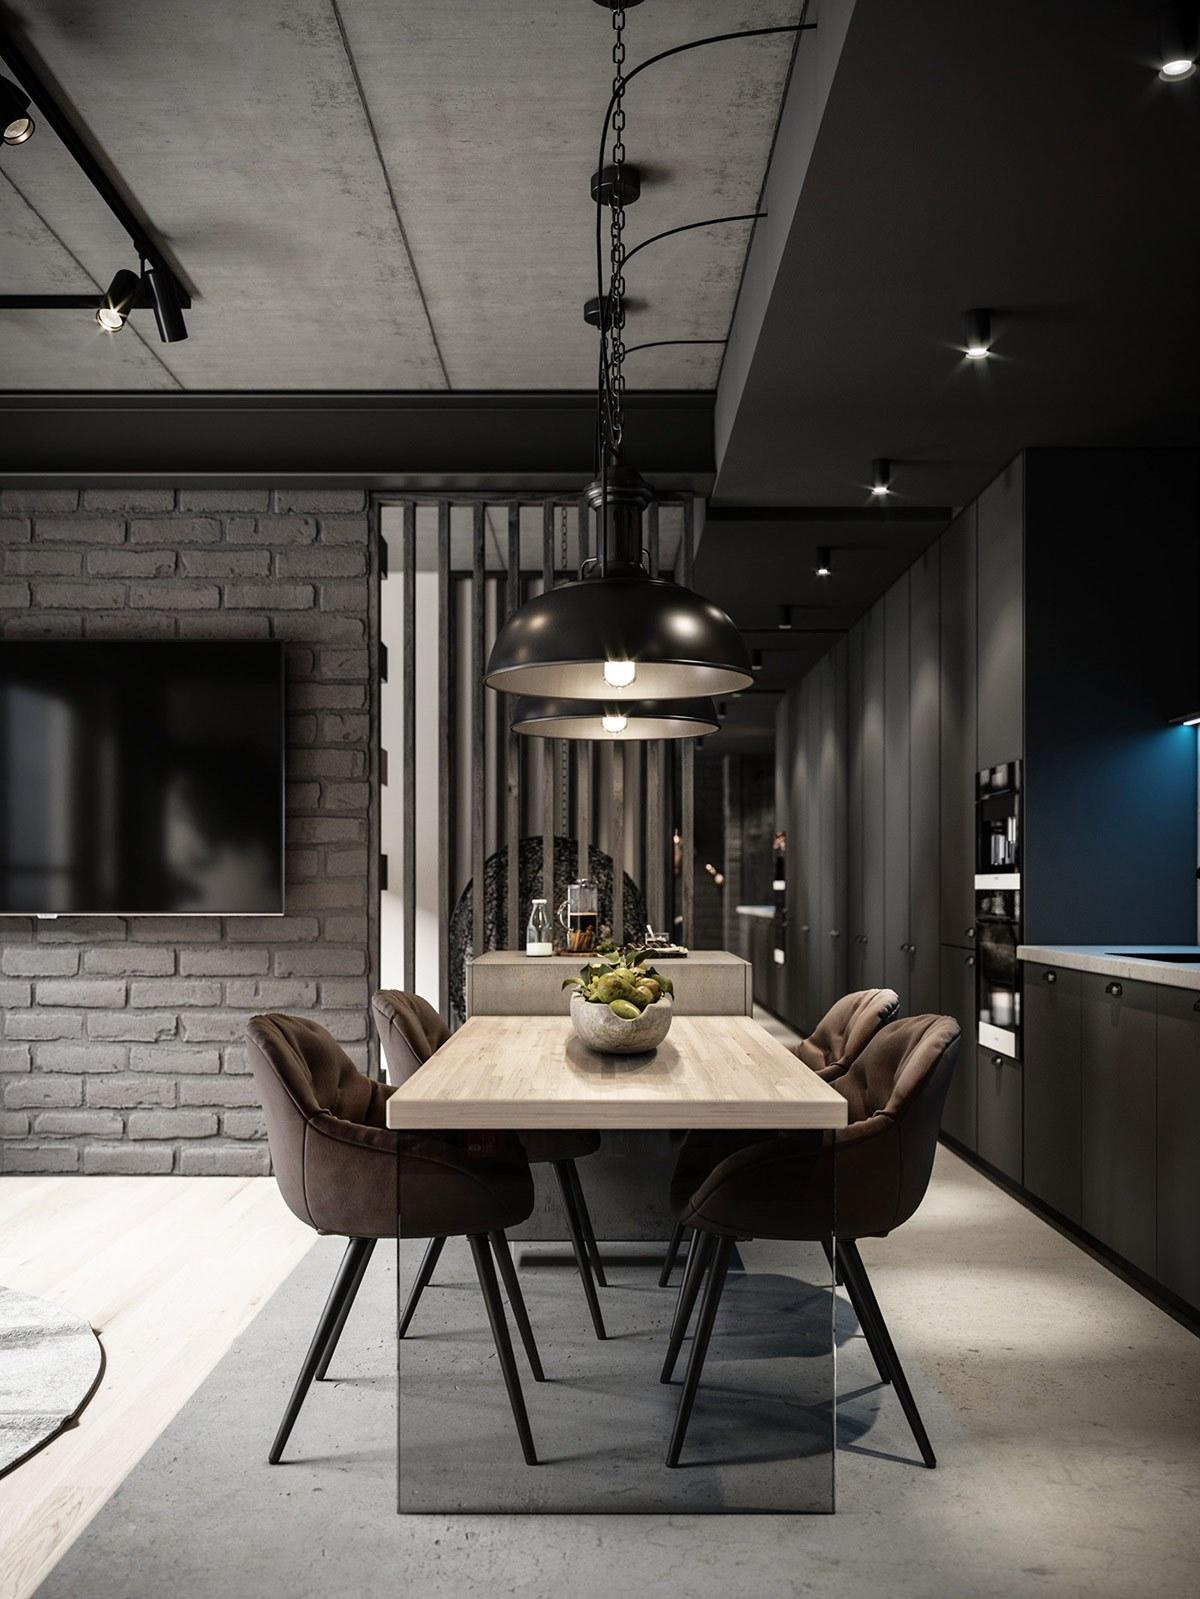 Thiết kế căn hộ chung cư phong cách công nghiệp